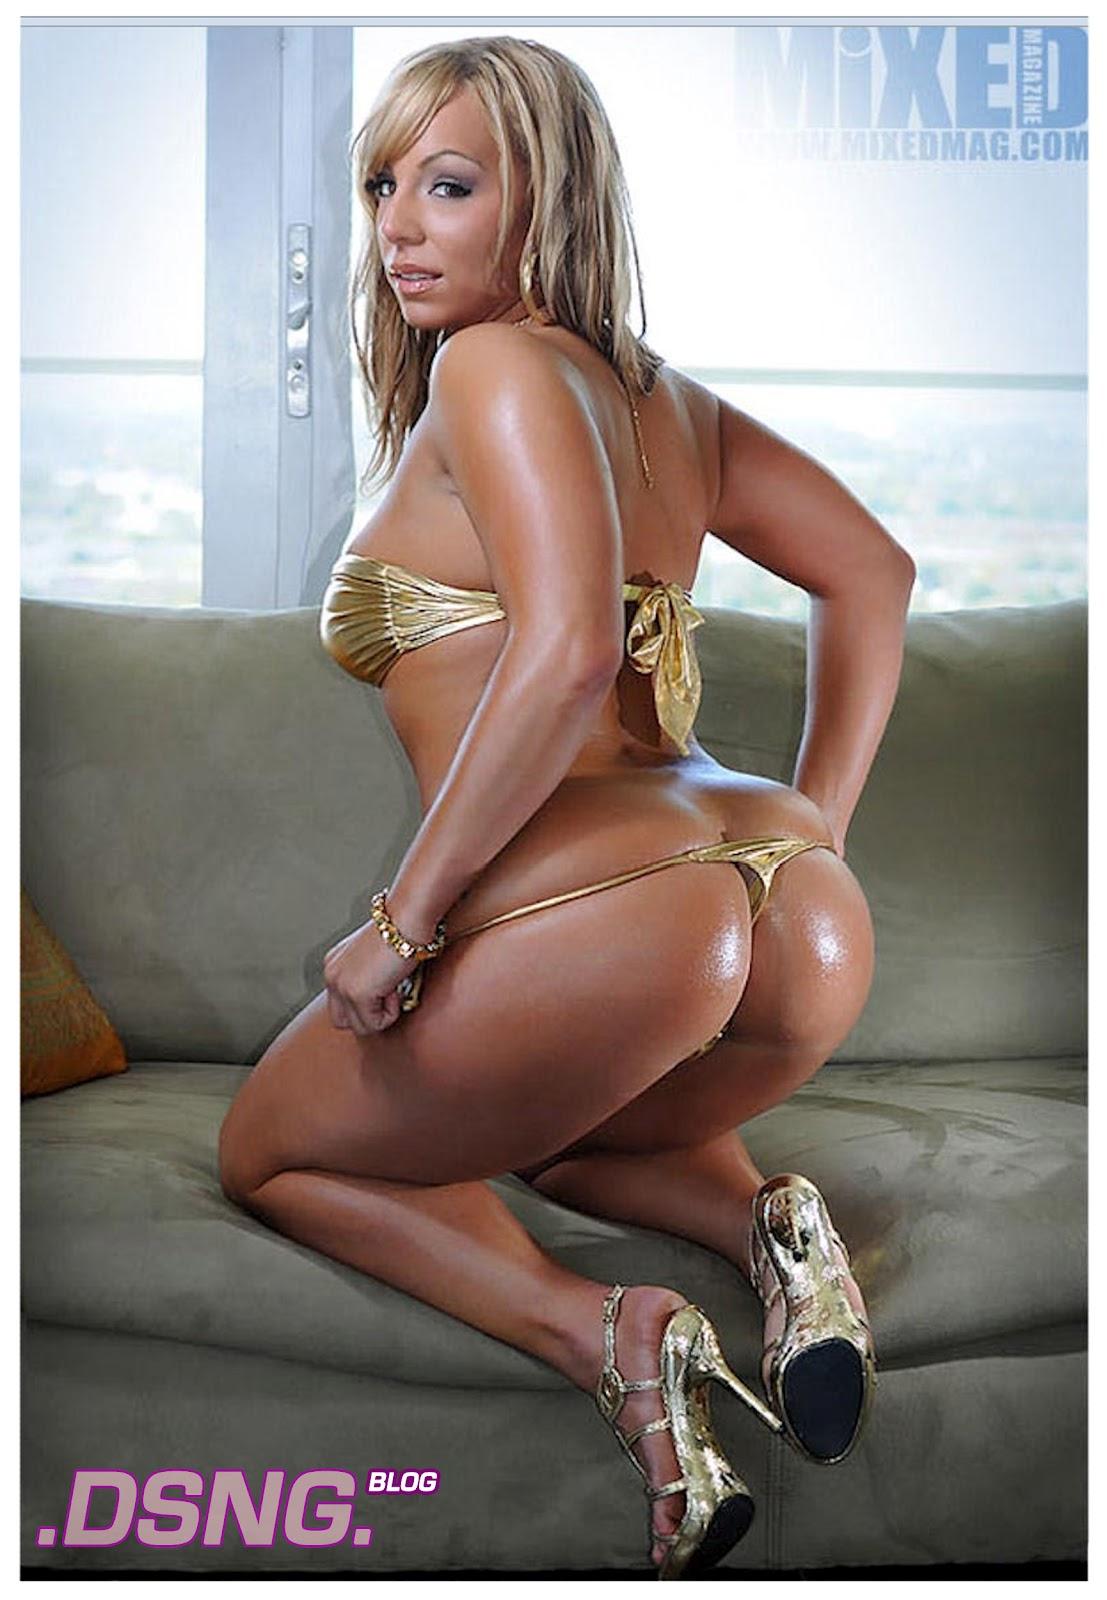 Sexy Brazilian Pics